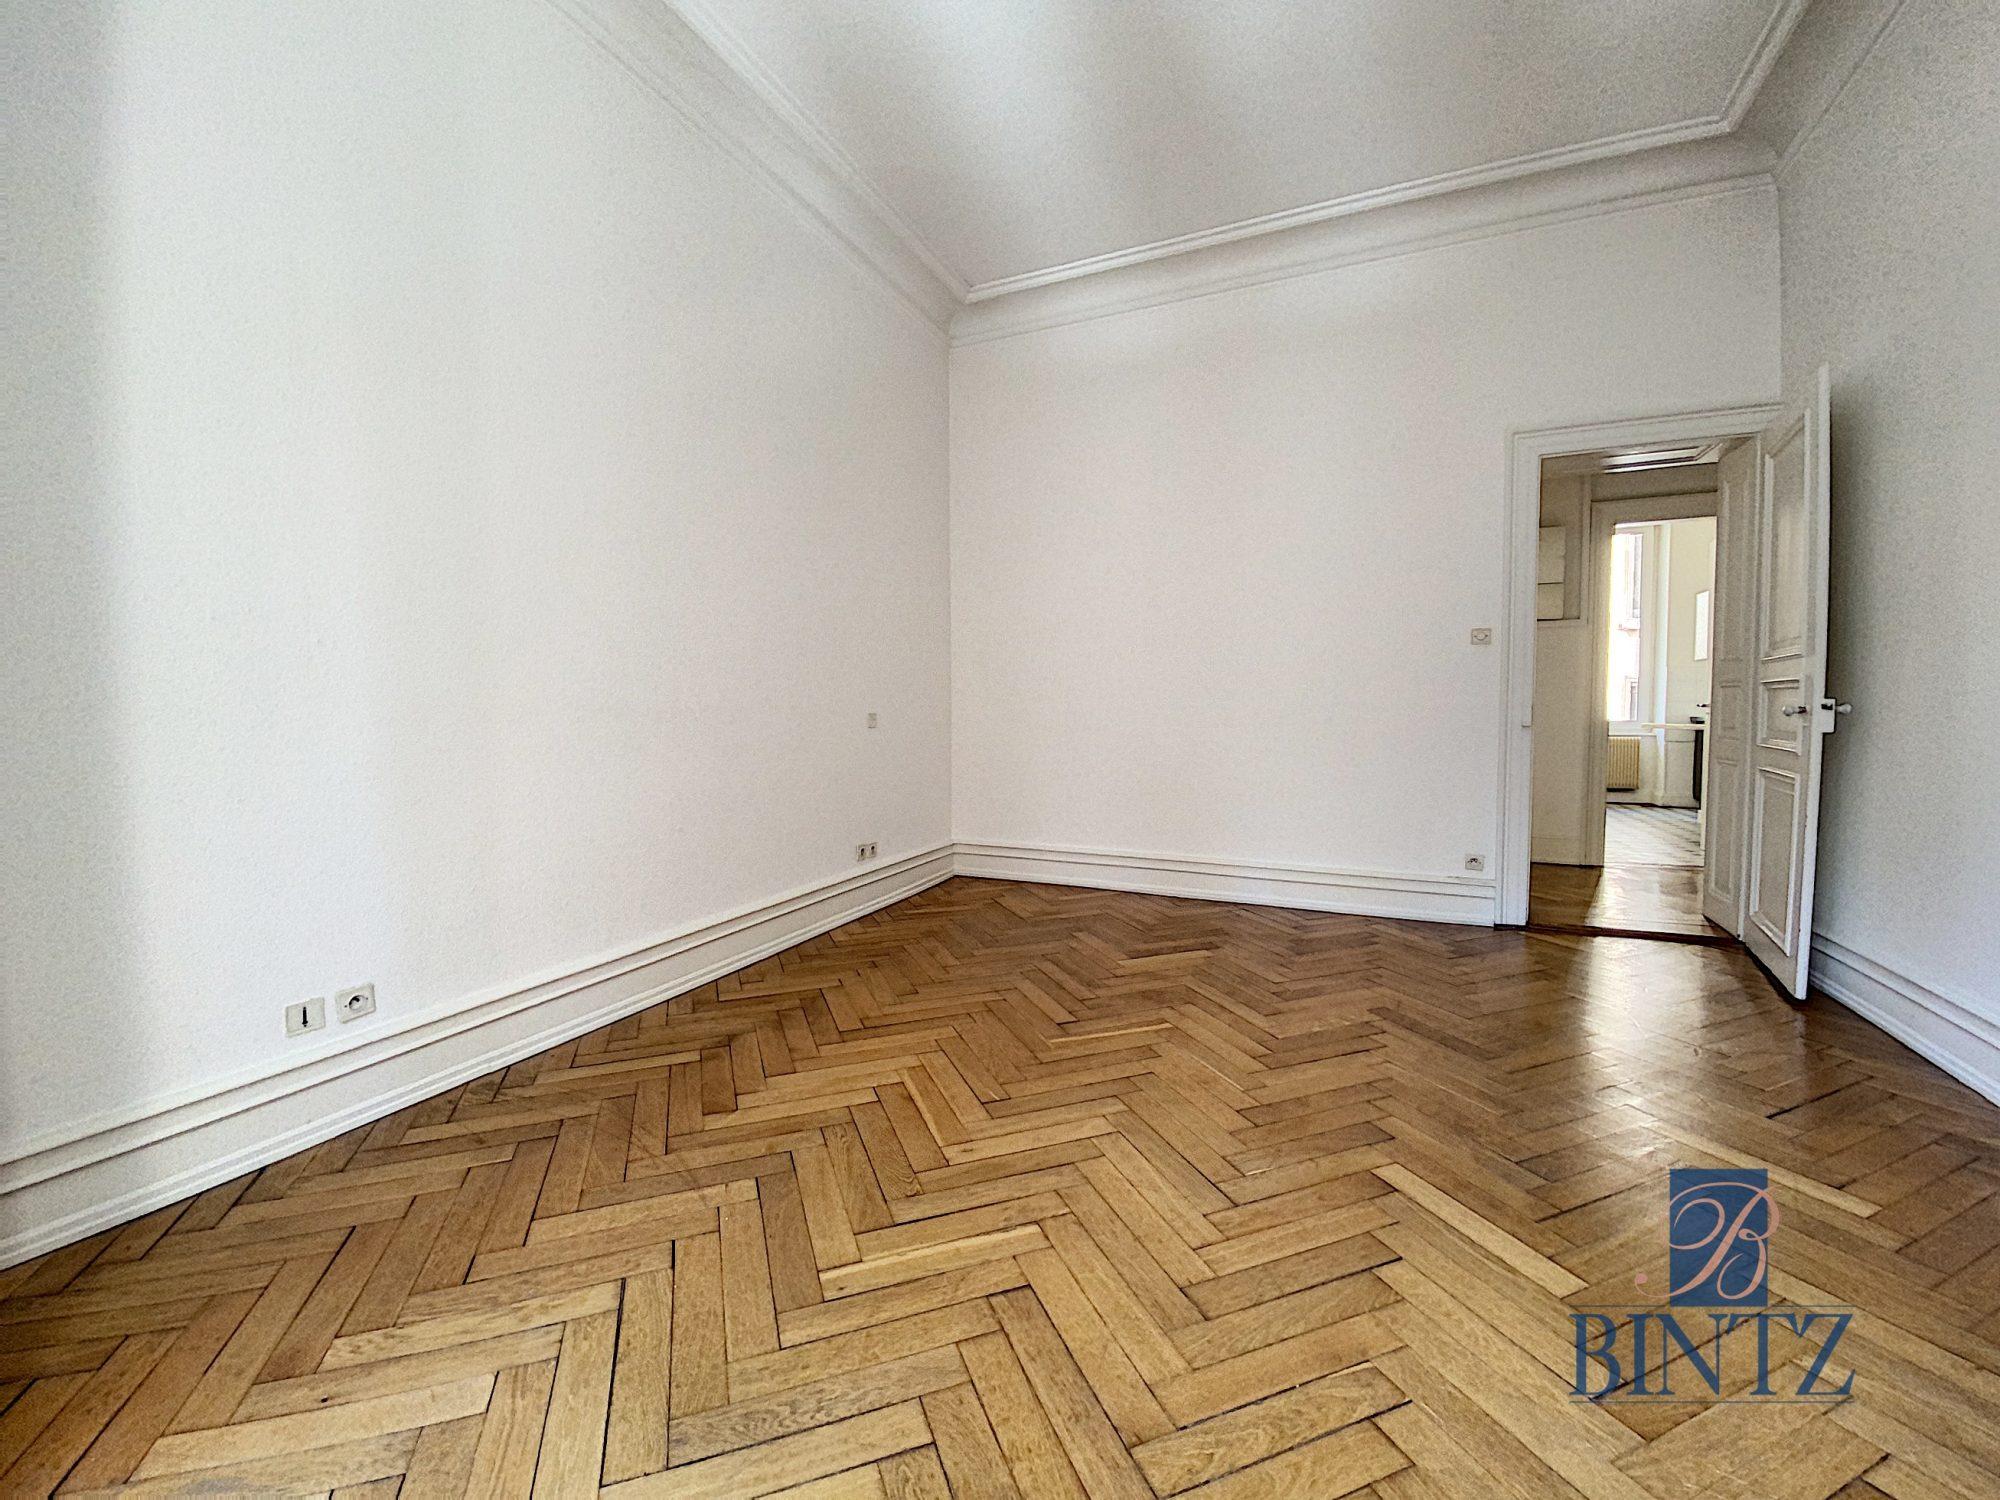 BEAU 4 PIÈCES SECTEUR FORET NOIRE - Devenez locataire en toute sérénité - Bintz Immobilier - 11